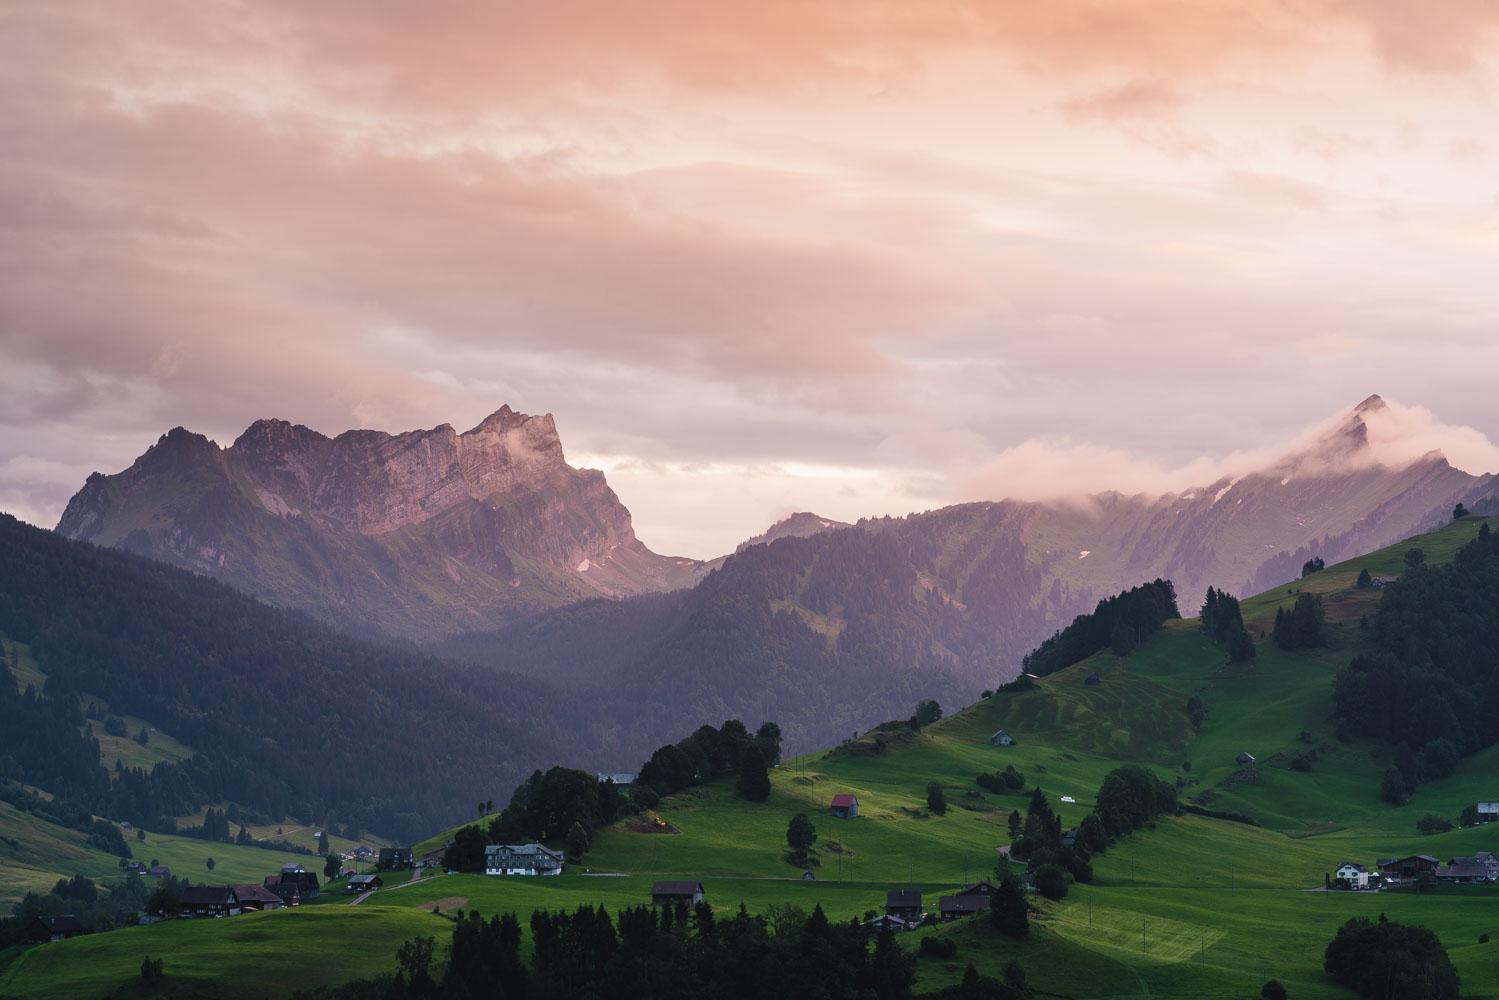 Switzerland Landscape Photography